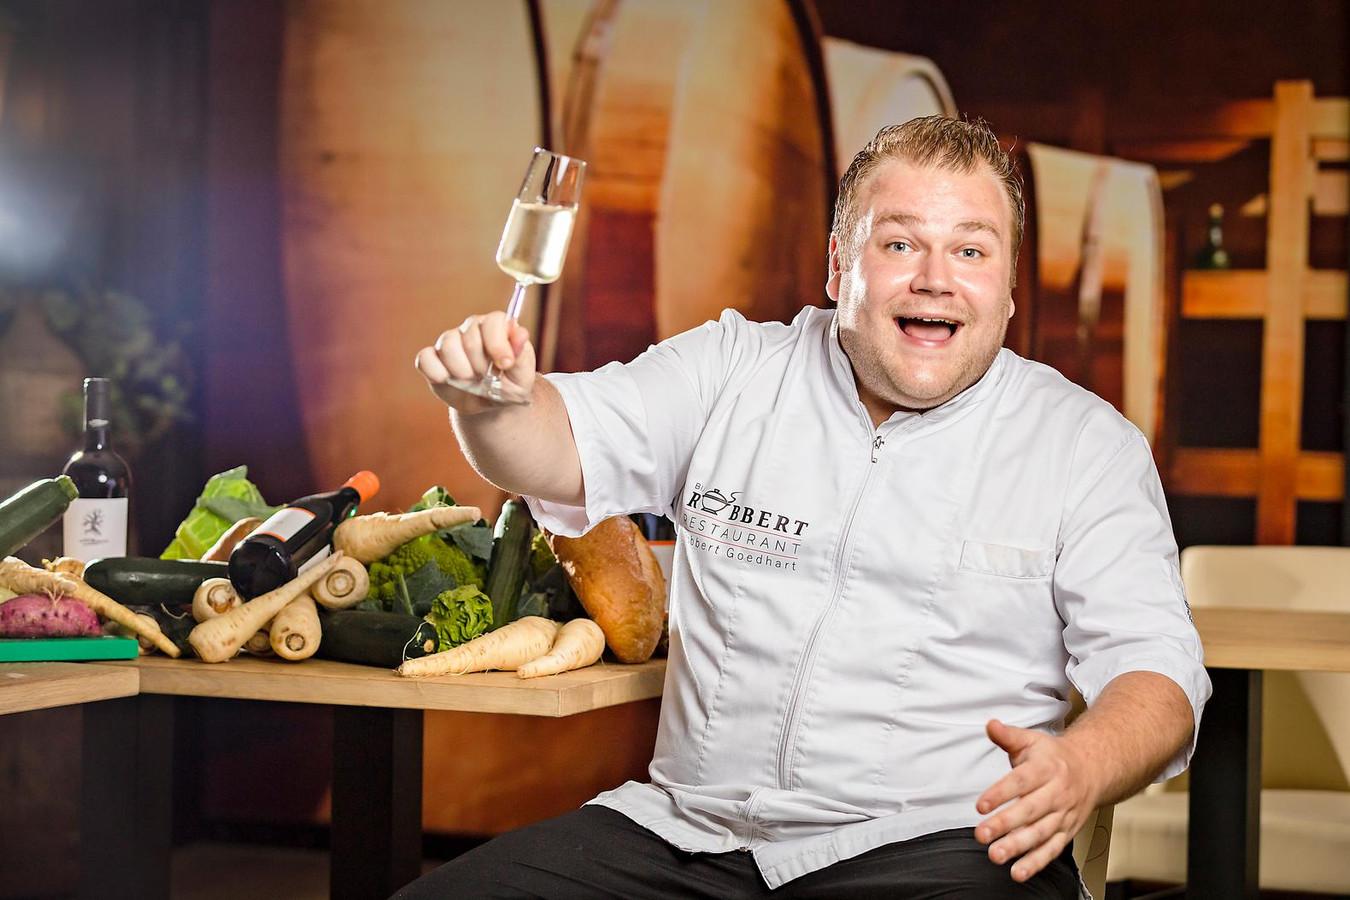 Robbert Goedhart van Restaurant Bij Robbert in Bodegraven wint de Gouden Pollepel